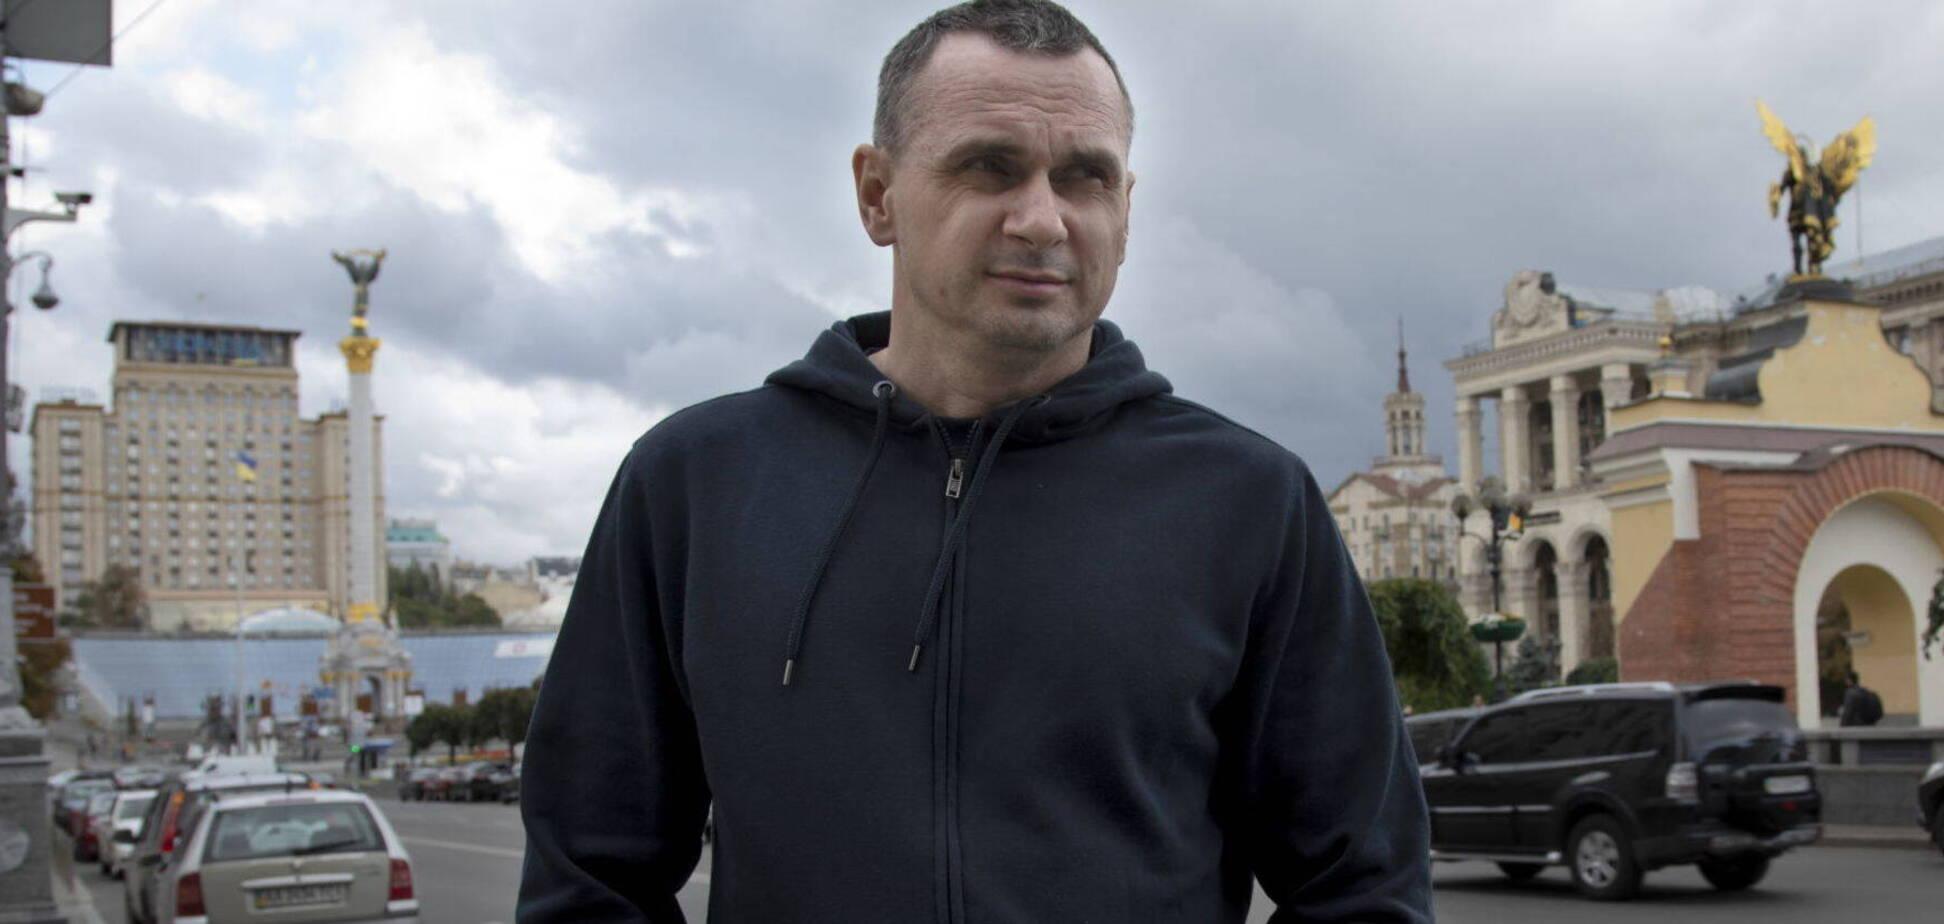 Сенцов розкиткував попытки Зеленского посадить Порошенко (фото: Новая газета)